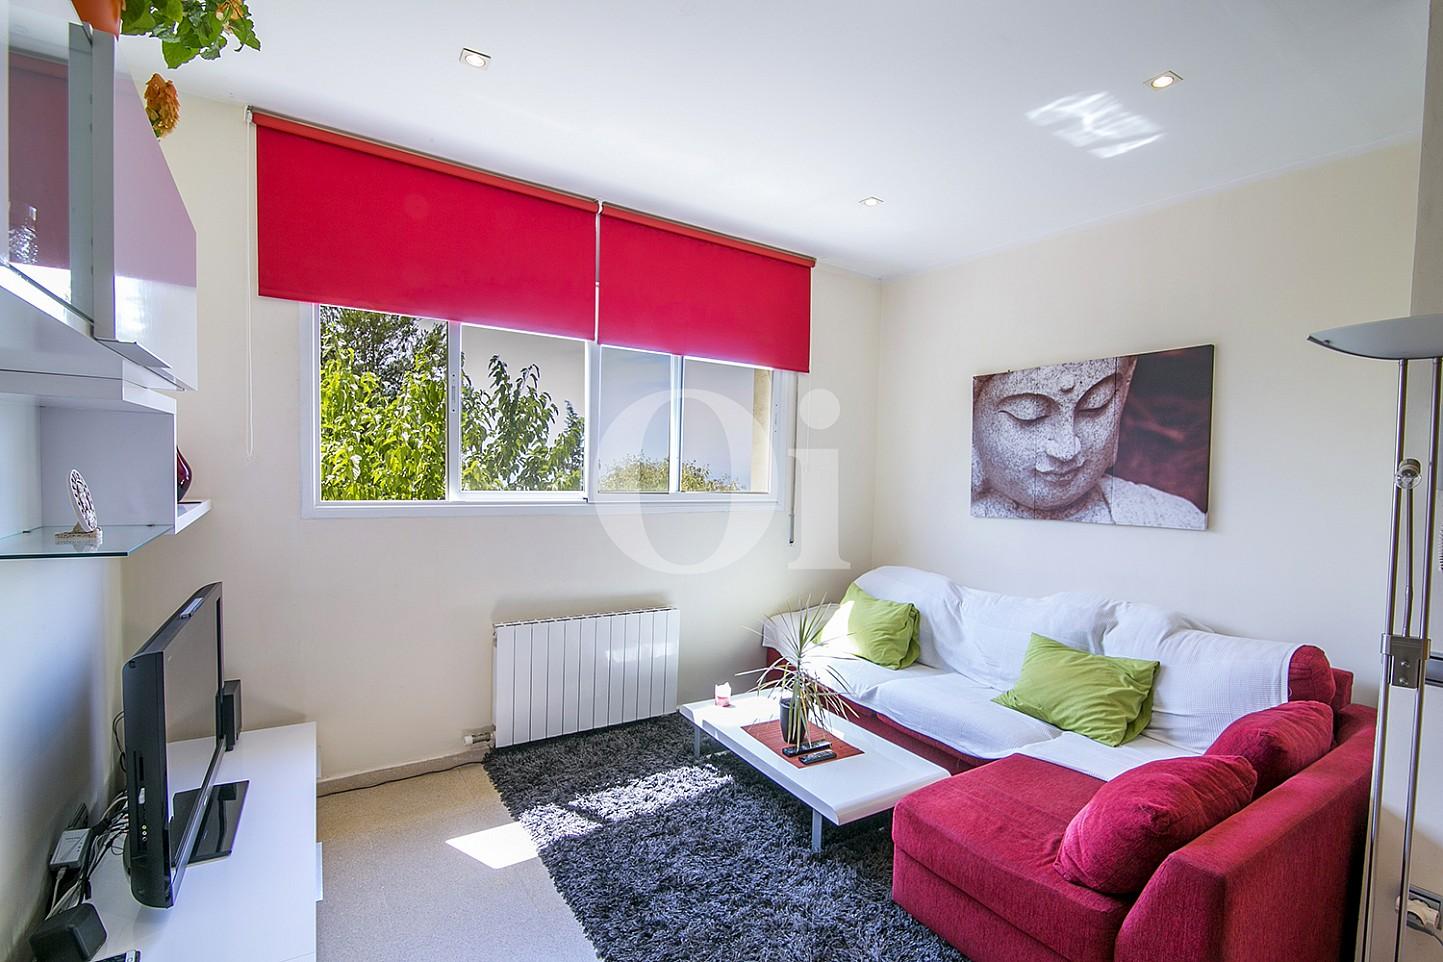 Дополнительное жилье с кухней, комнатой и ванной комнатой эксклюзивного жилья на Mas Ram в Бадалоне